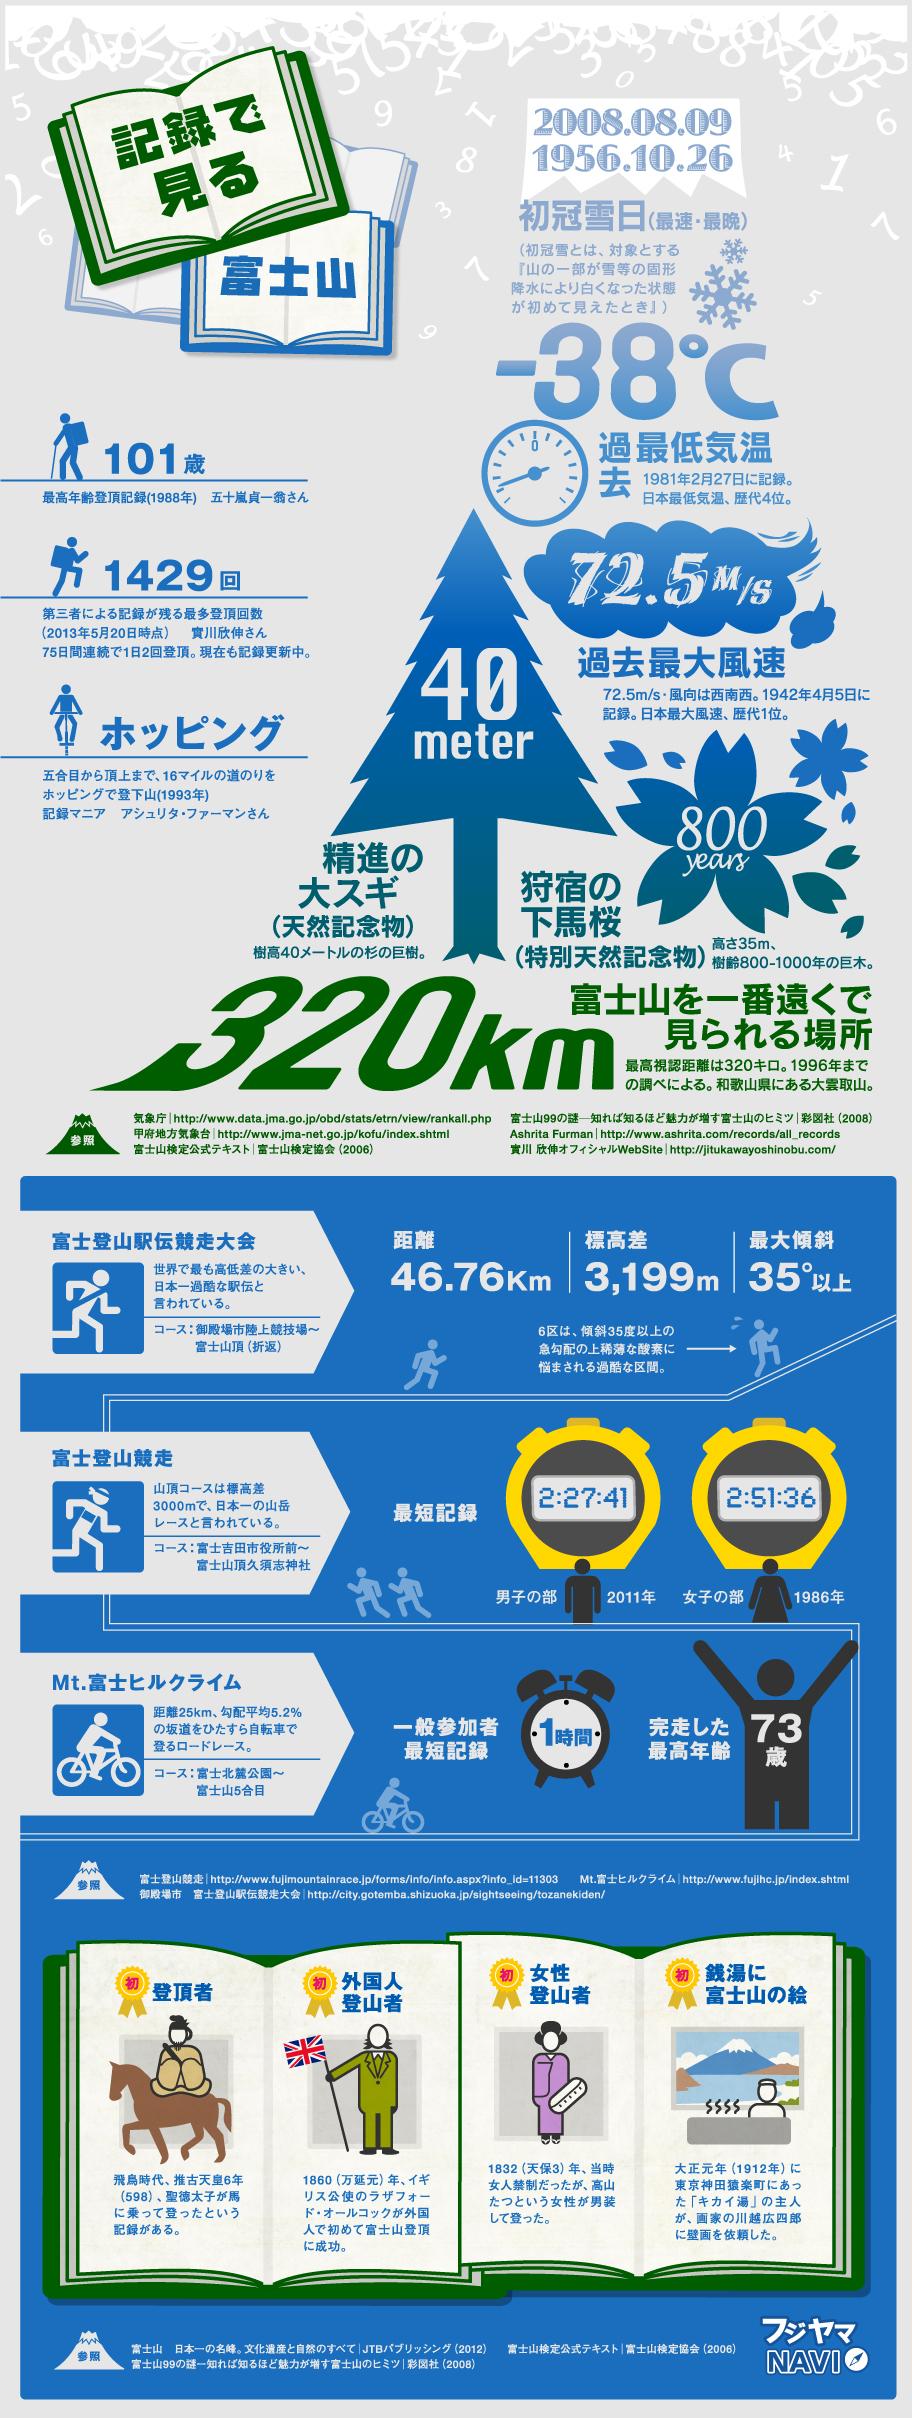 富士山の様々な記録に驚愕!最年長登頂101歳・最速登頂2.5時間を表すインフォグラフィック